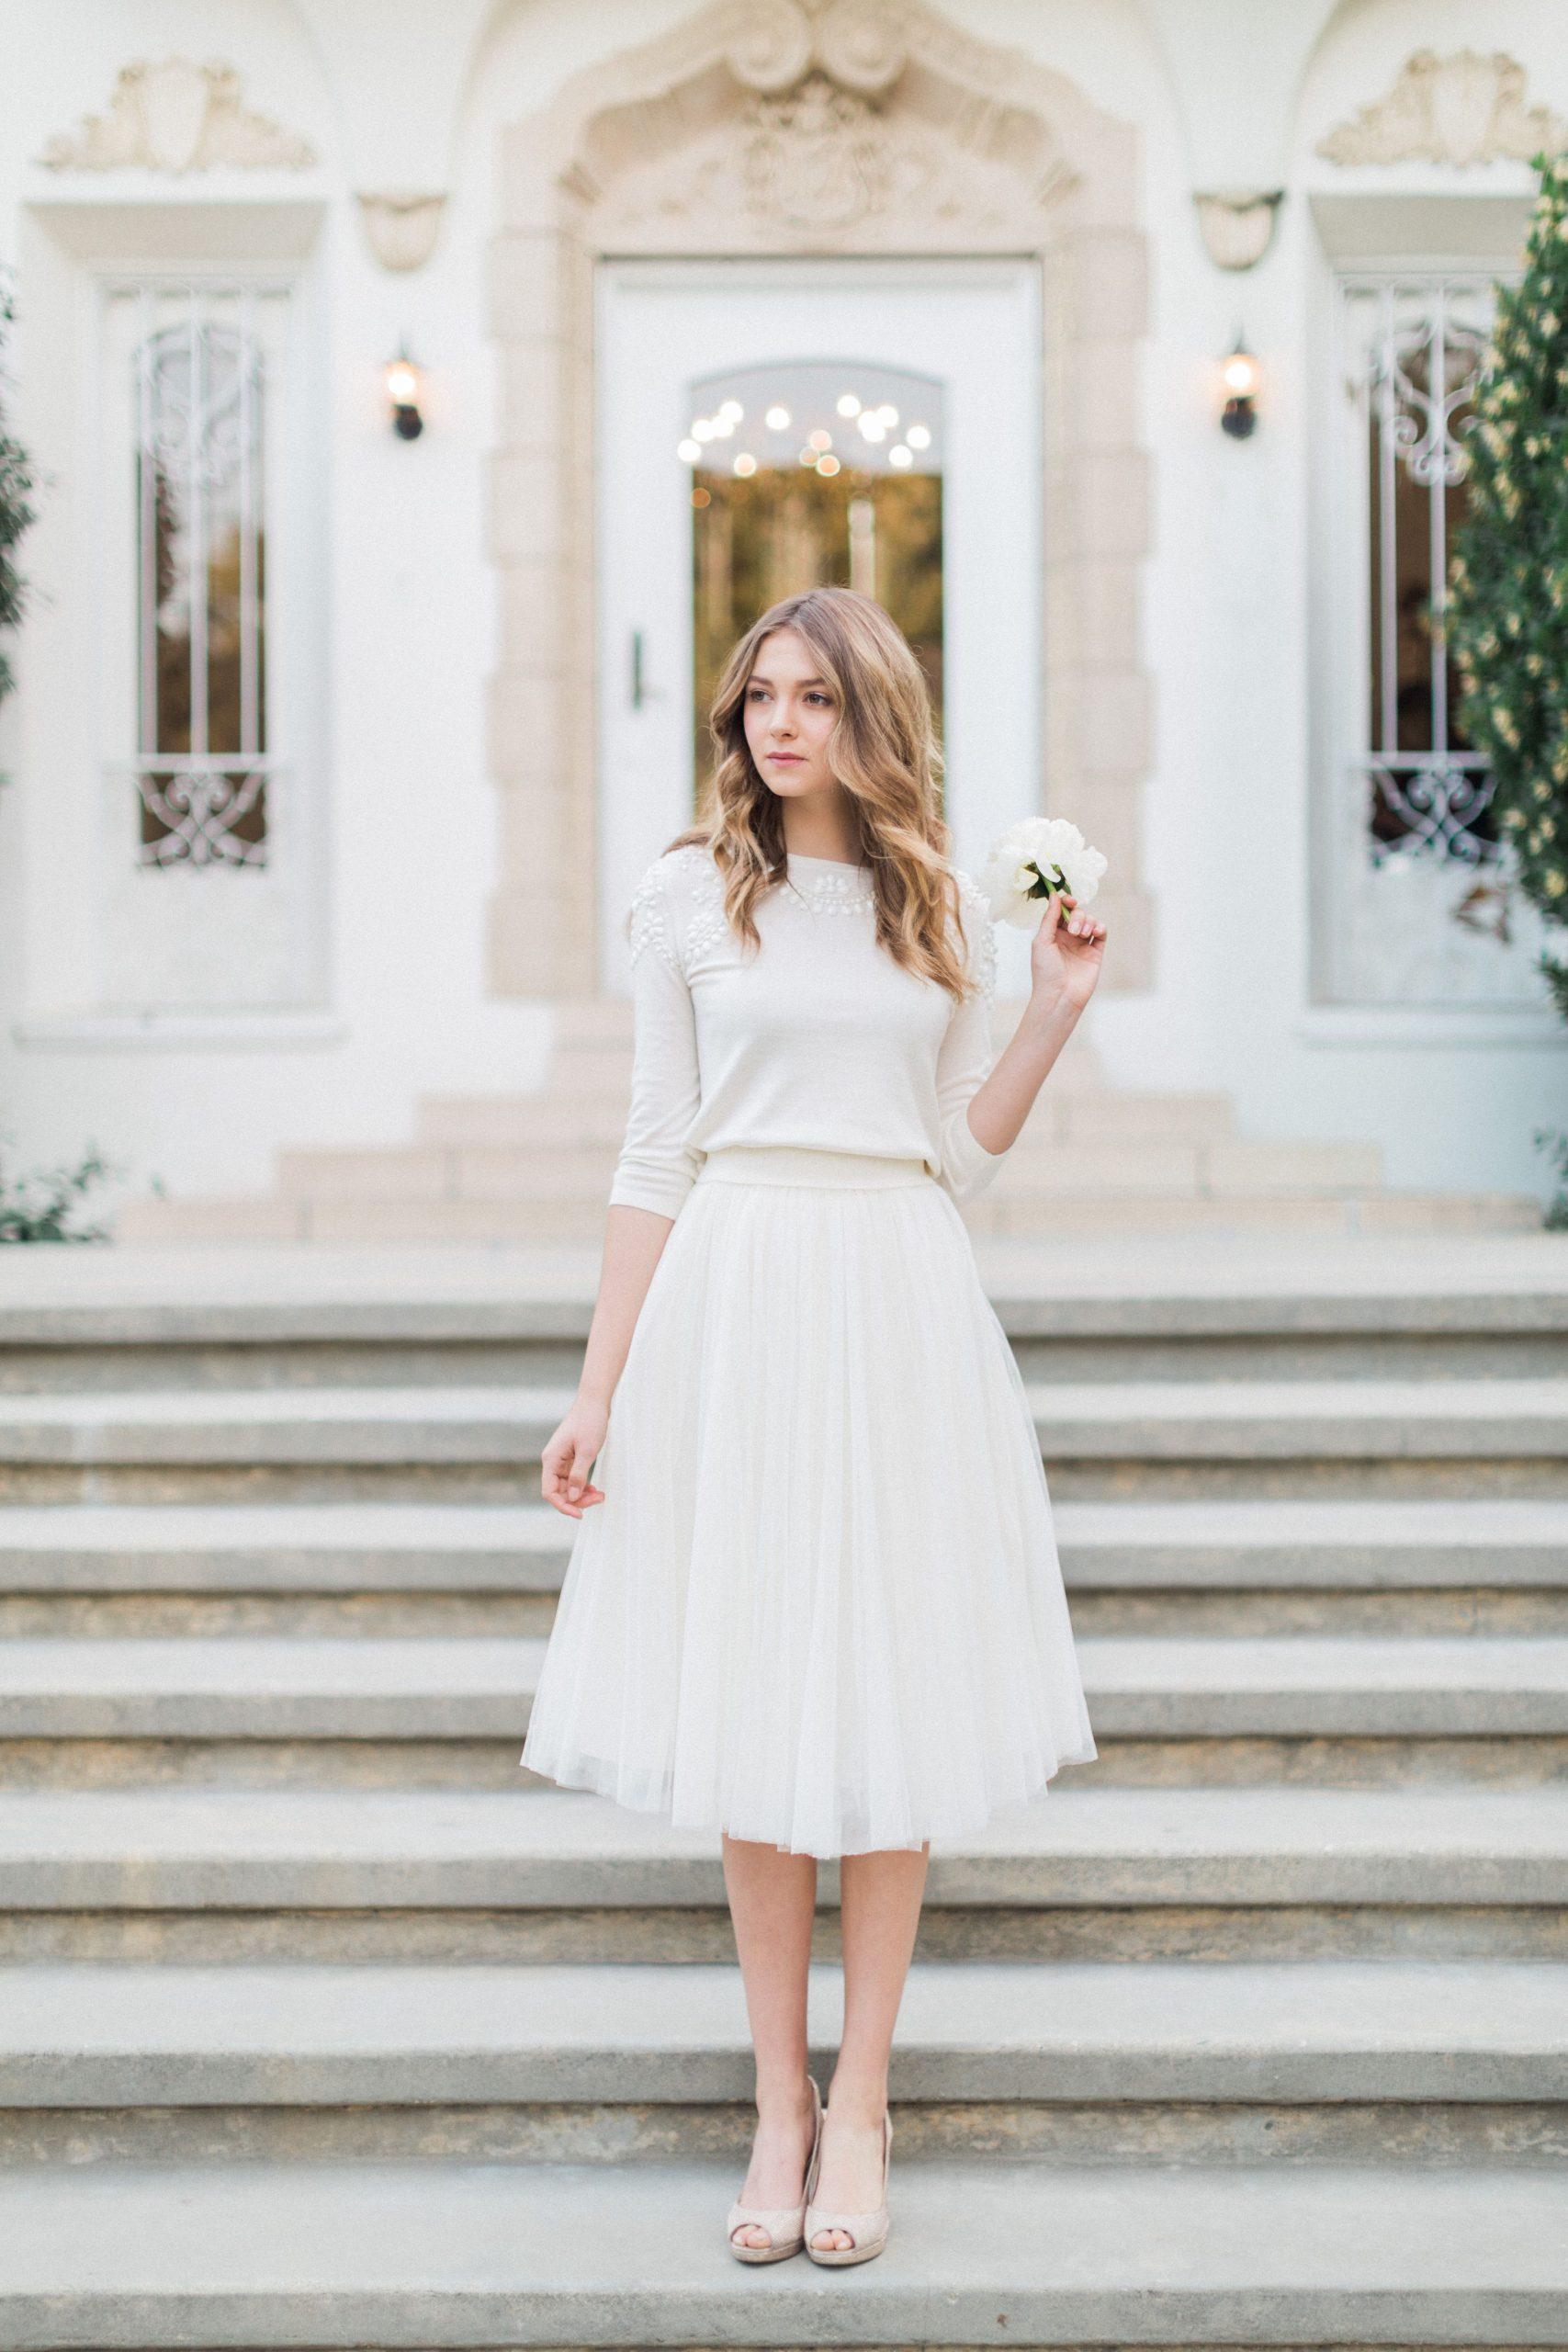 Standesamt | Hochzeit Kleid Standesamt, Kleid Hochzeit Und Braut